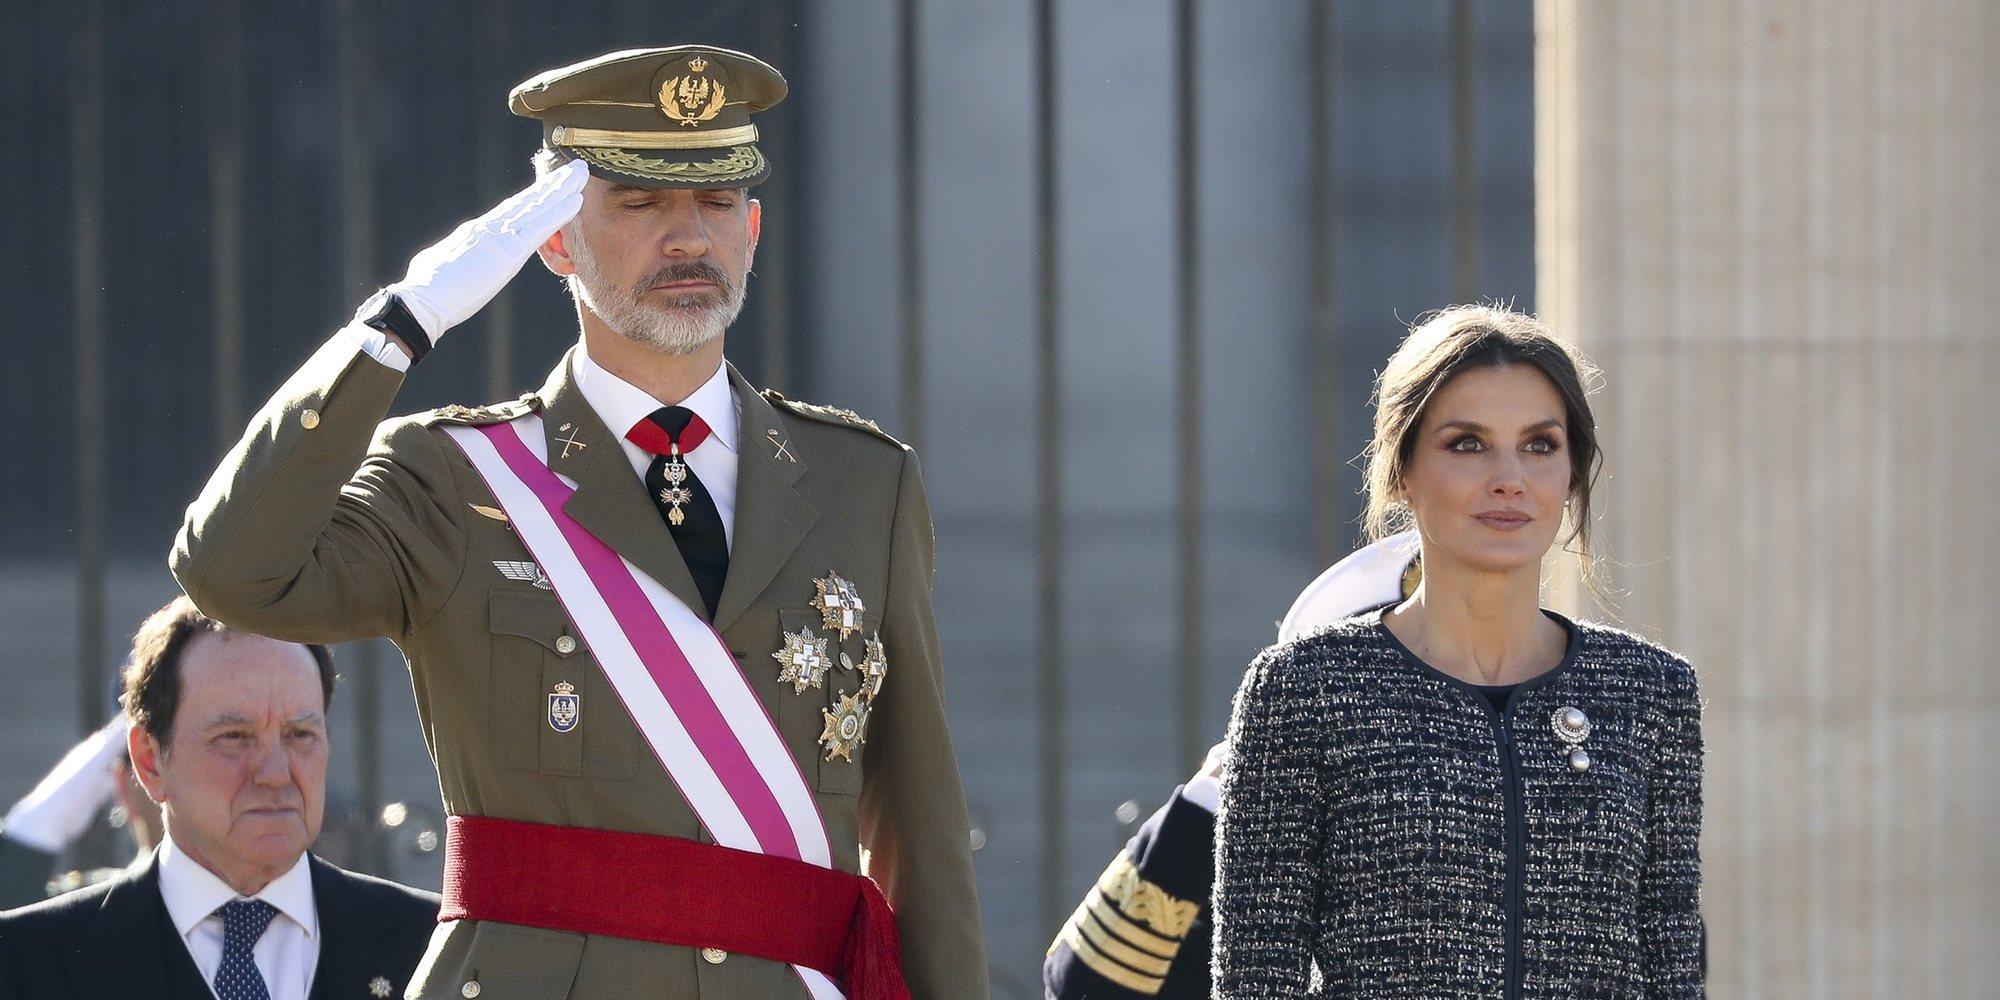 Los Reyes Felipe y Letizia presiden la primera Pascua Militar de Pedro Sánchez como Presidente del Gobierno